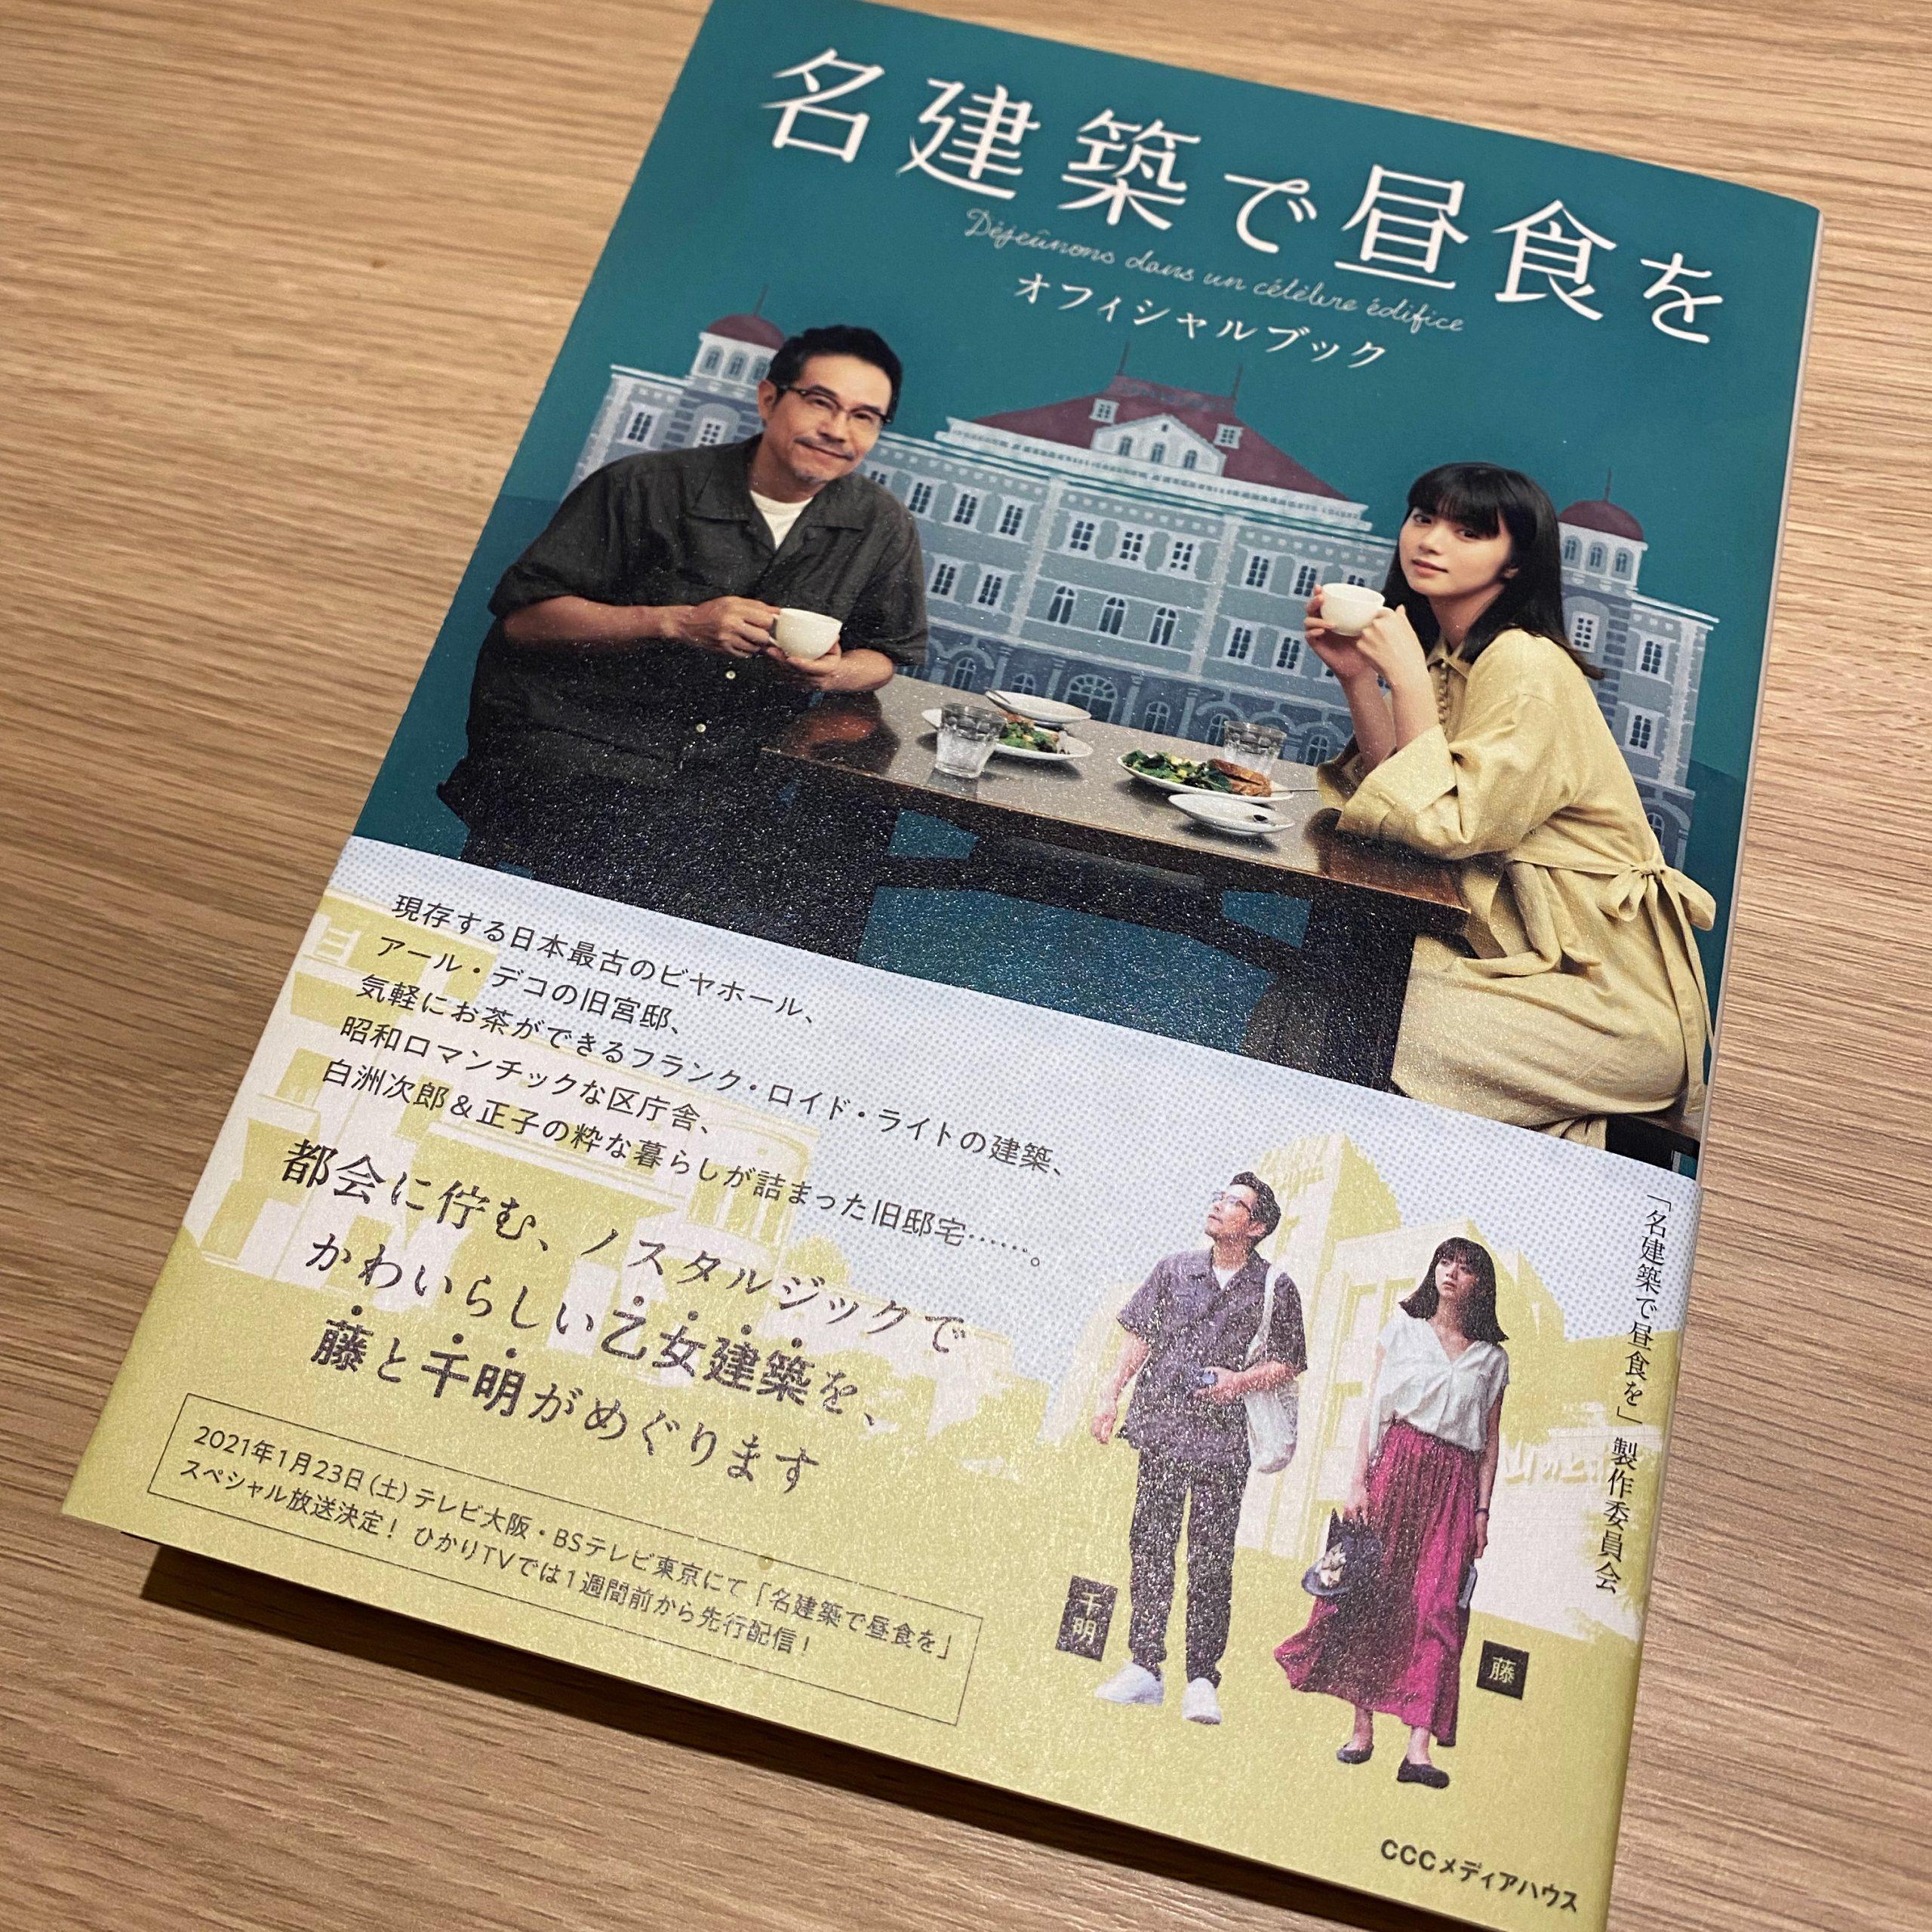 「名建築で昼食を」のオフィシャルブックが発売中!